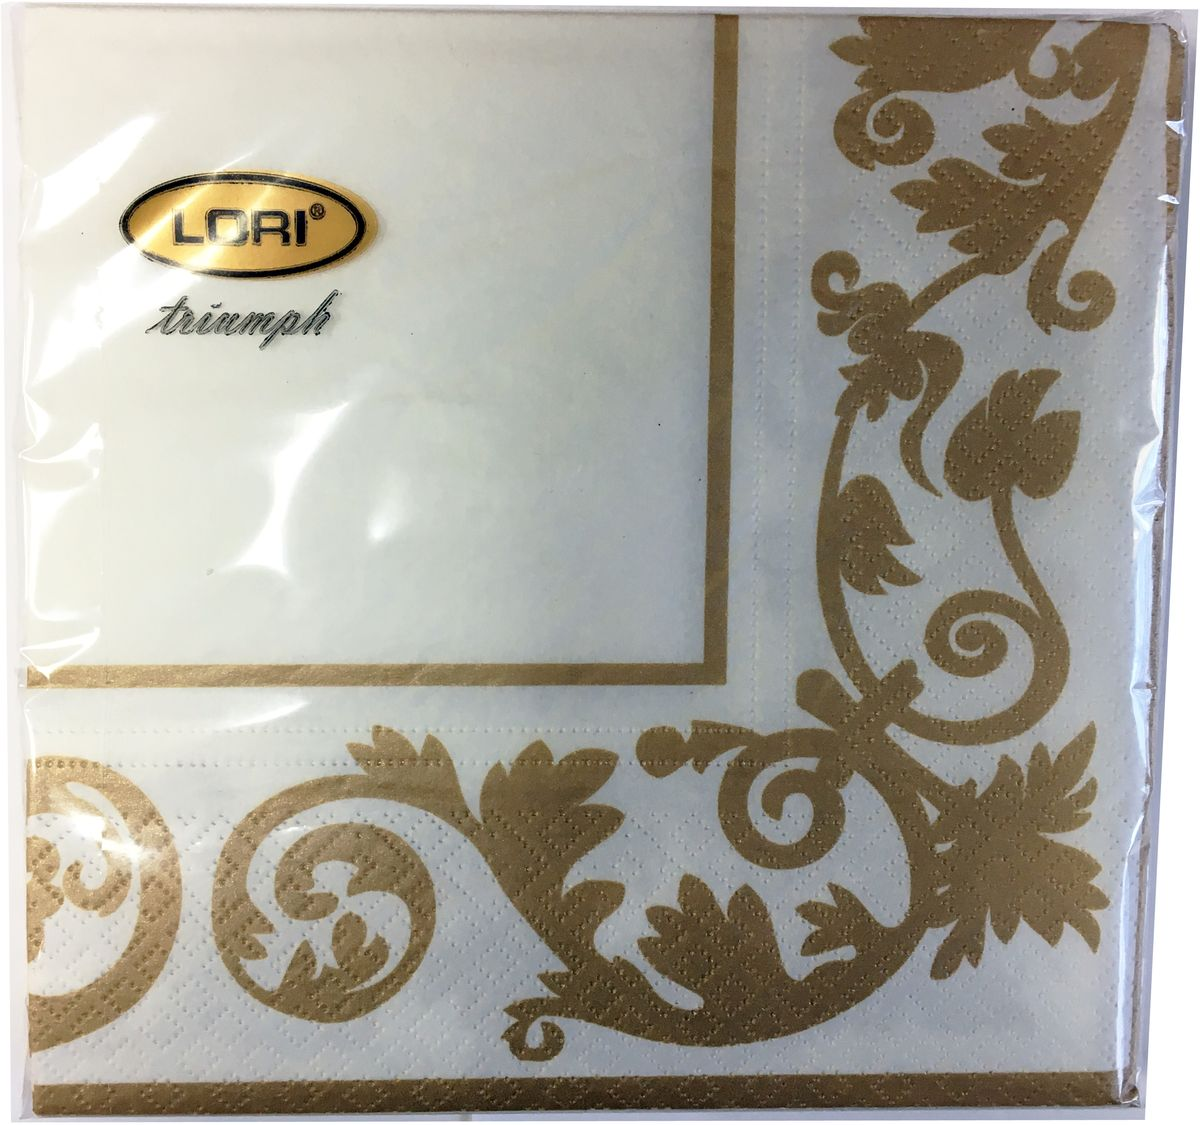 Салфетки бумажные Lori Triumph, трехслойные, цвет: коричневый, белый, 33 х 33 см, 20 шт. 5605356053 орнаментДекоративные трехслойные салфетки Lori Triumph выполнены из 100% целлюлозы и оформлены ярким рисунком. Изделия станут отличным дополнением любого праздничного стола. Они отличаются необычной мягкостью, прочностью и оригинальностью.Размер салфеток в развернутом виде: 33 х 33 см.